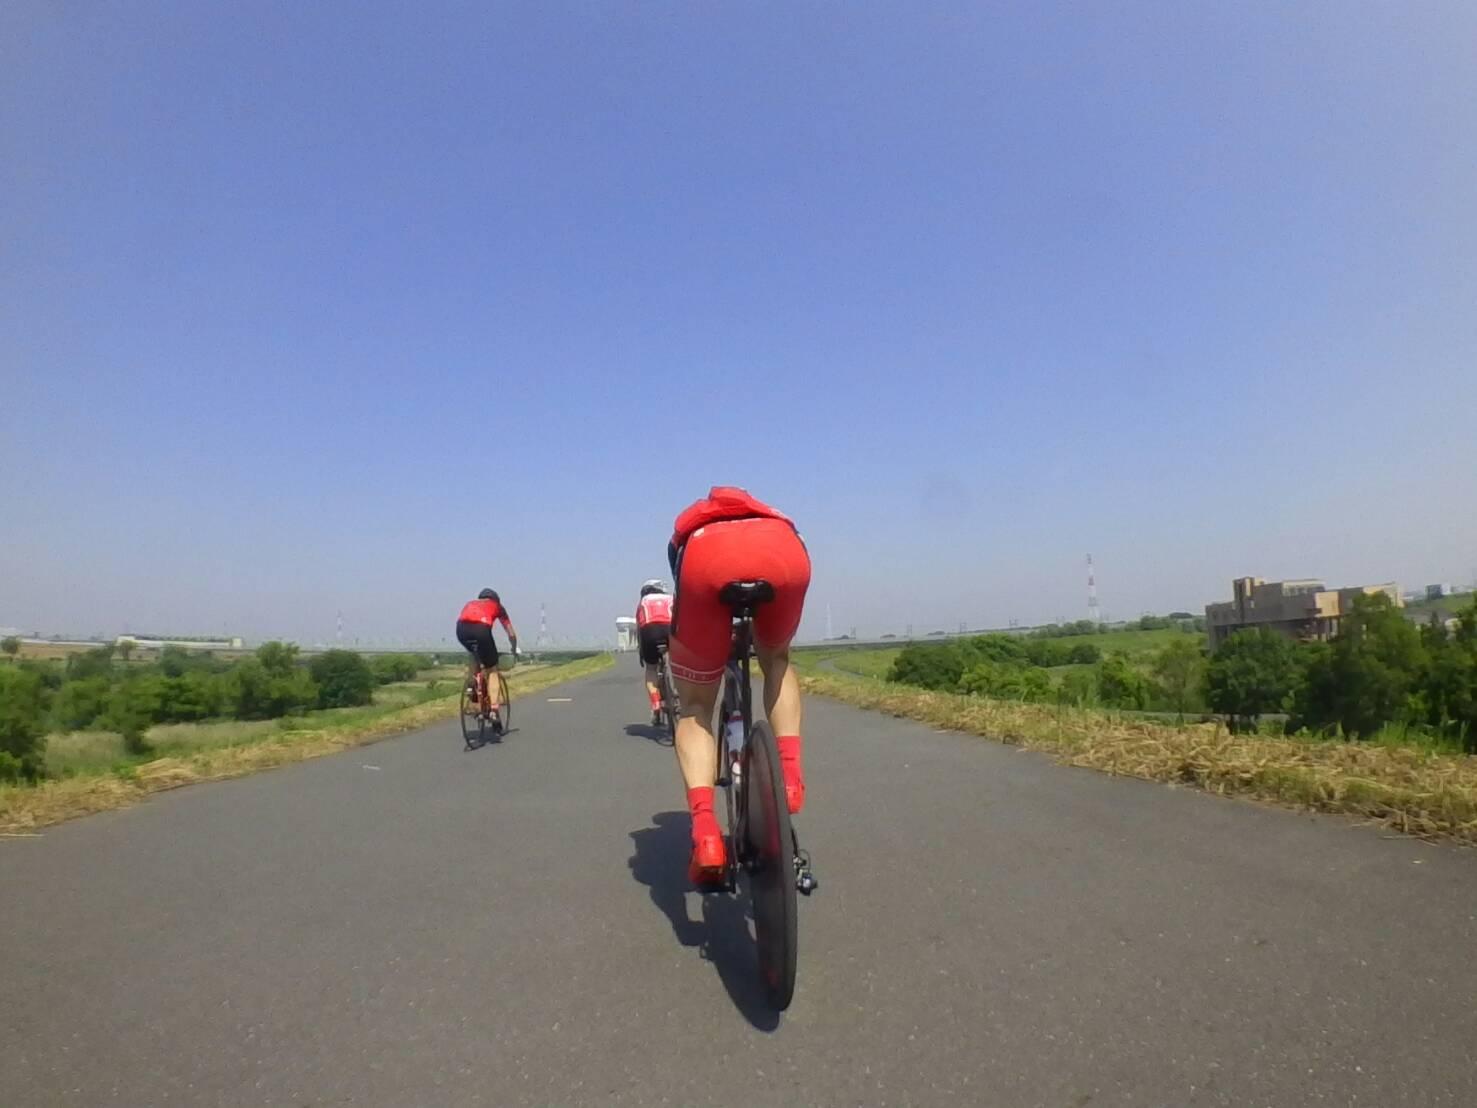 TTバイク、タイムトライアルバイクは速い!フジ ノーコム ストレート 1.1(FUJI NORCOM STRAIGHT 1.1)インプレ!!その4